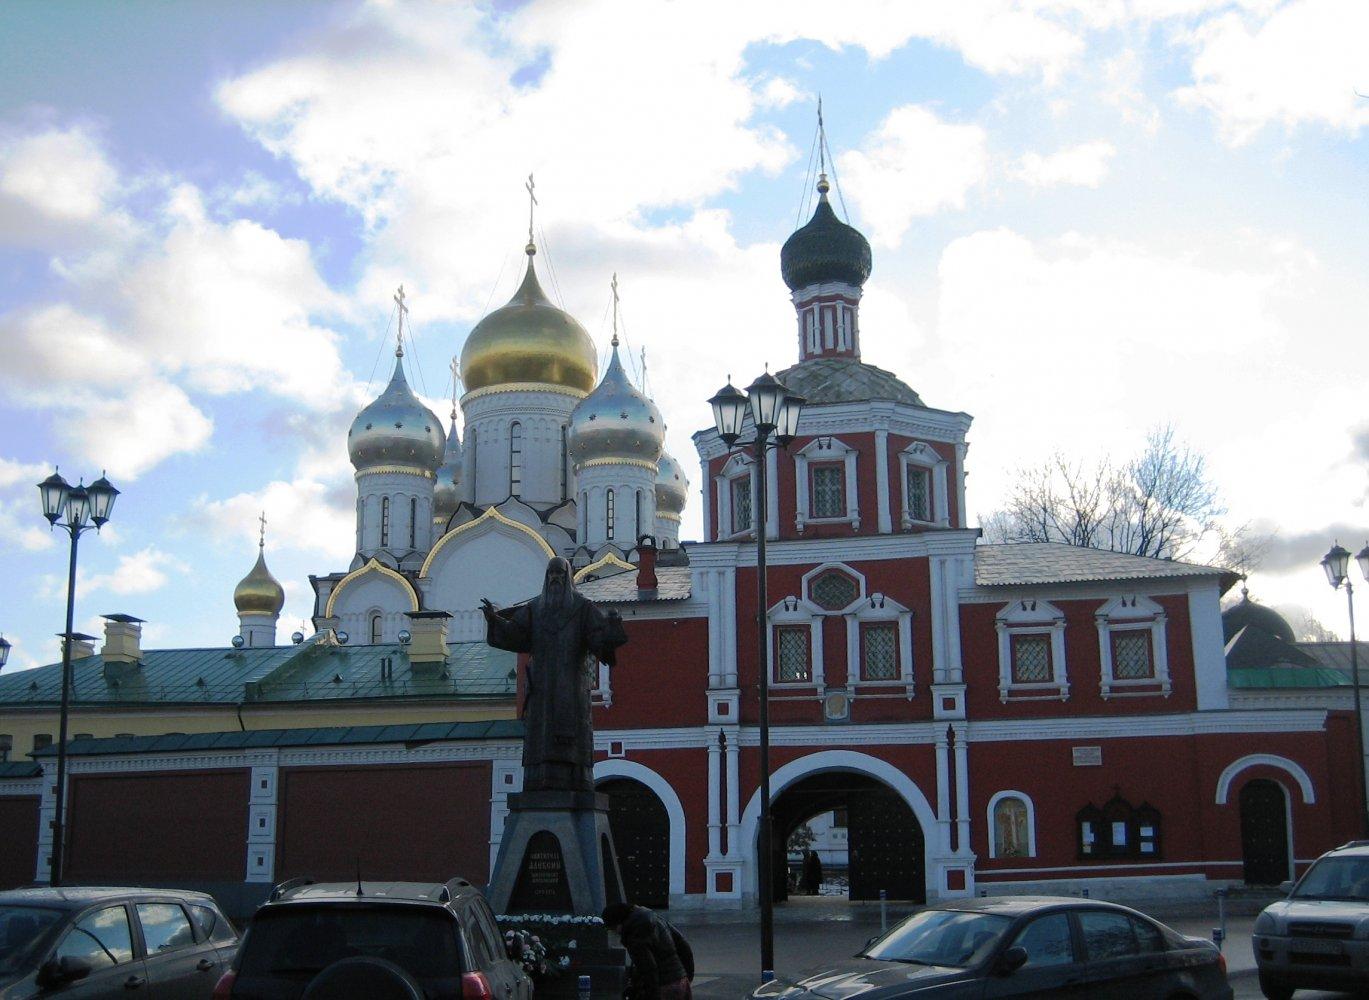 Фото Общий вид женского Зачатьевского монастыря с памятником его основателю. Россия, город Москва, 2-й Зачатьевский переулок, 2